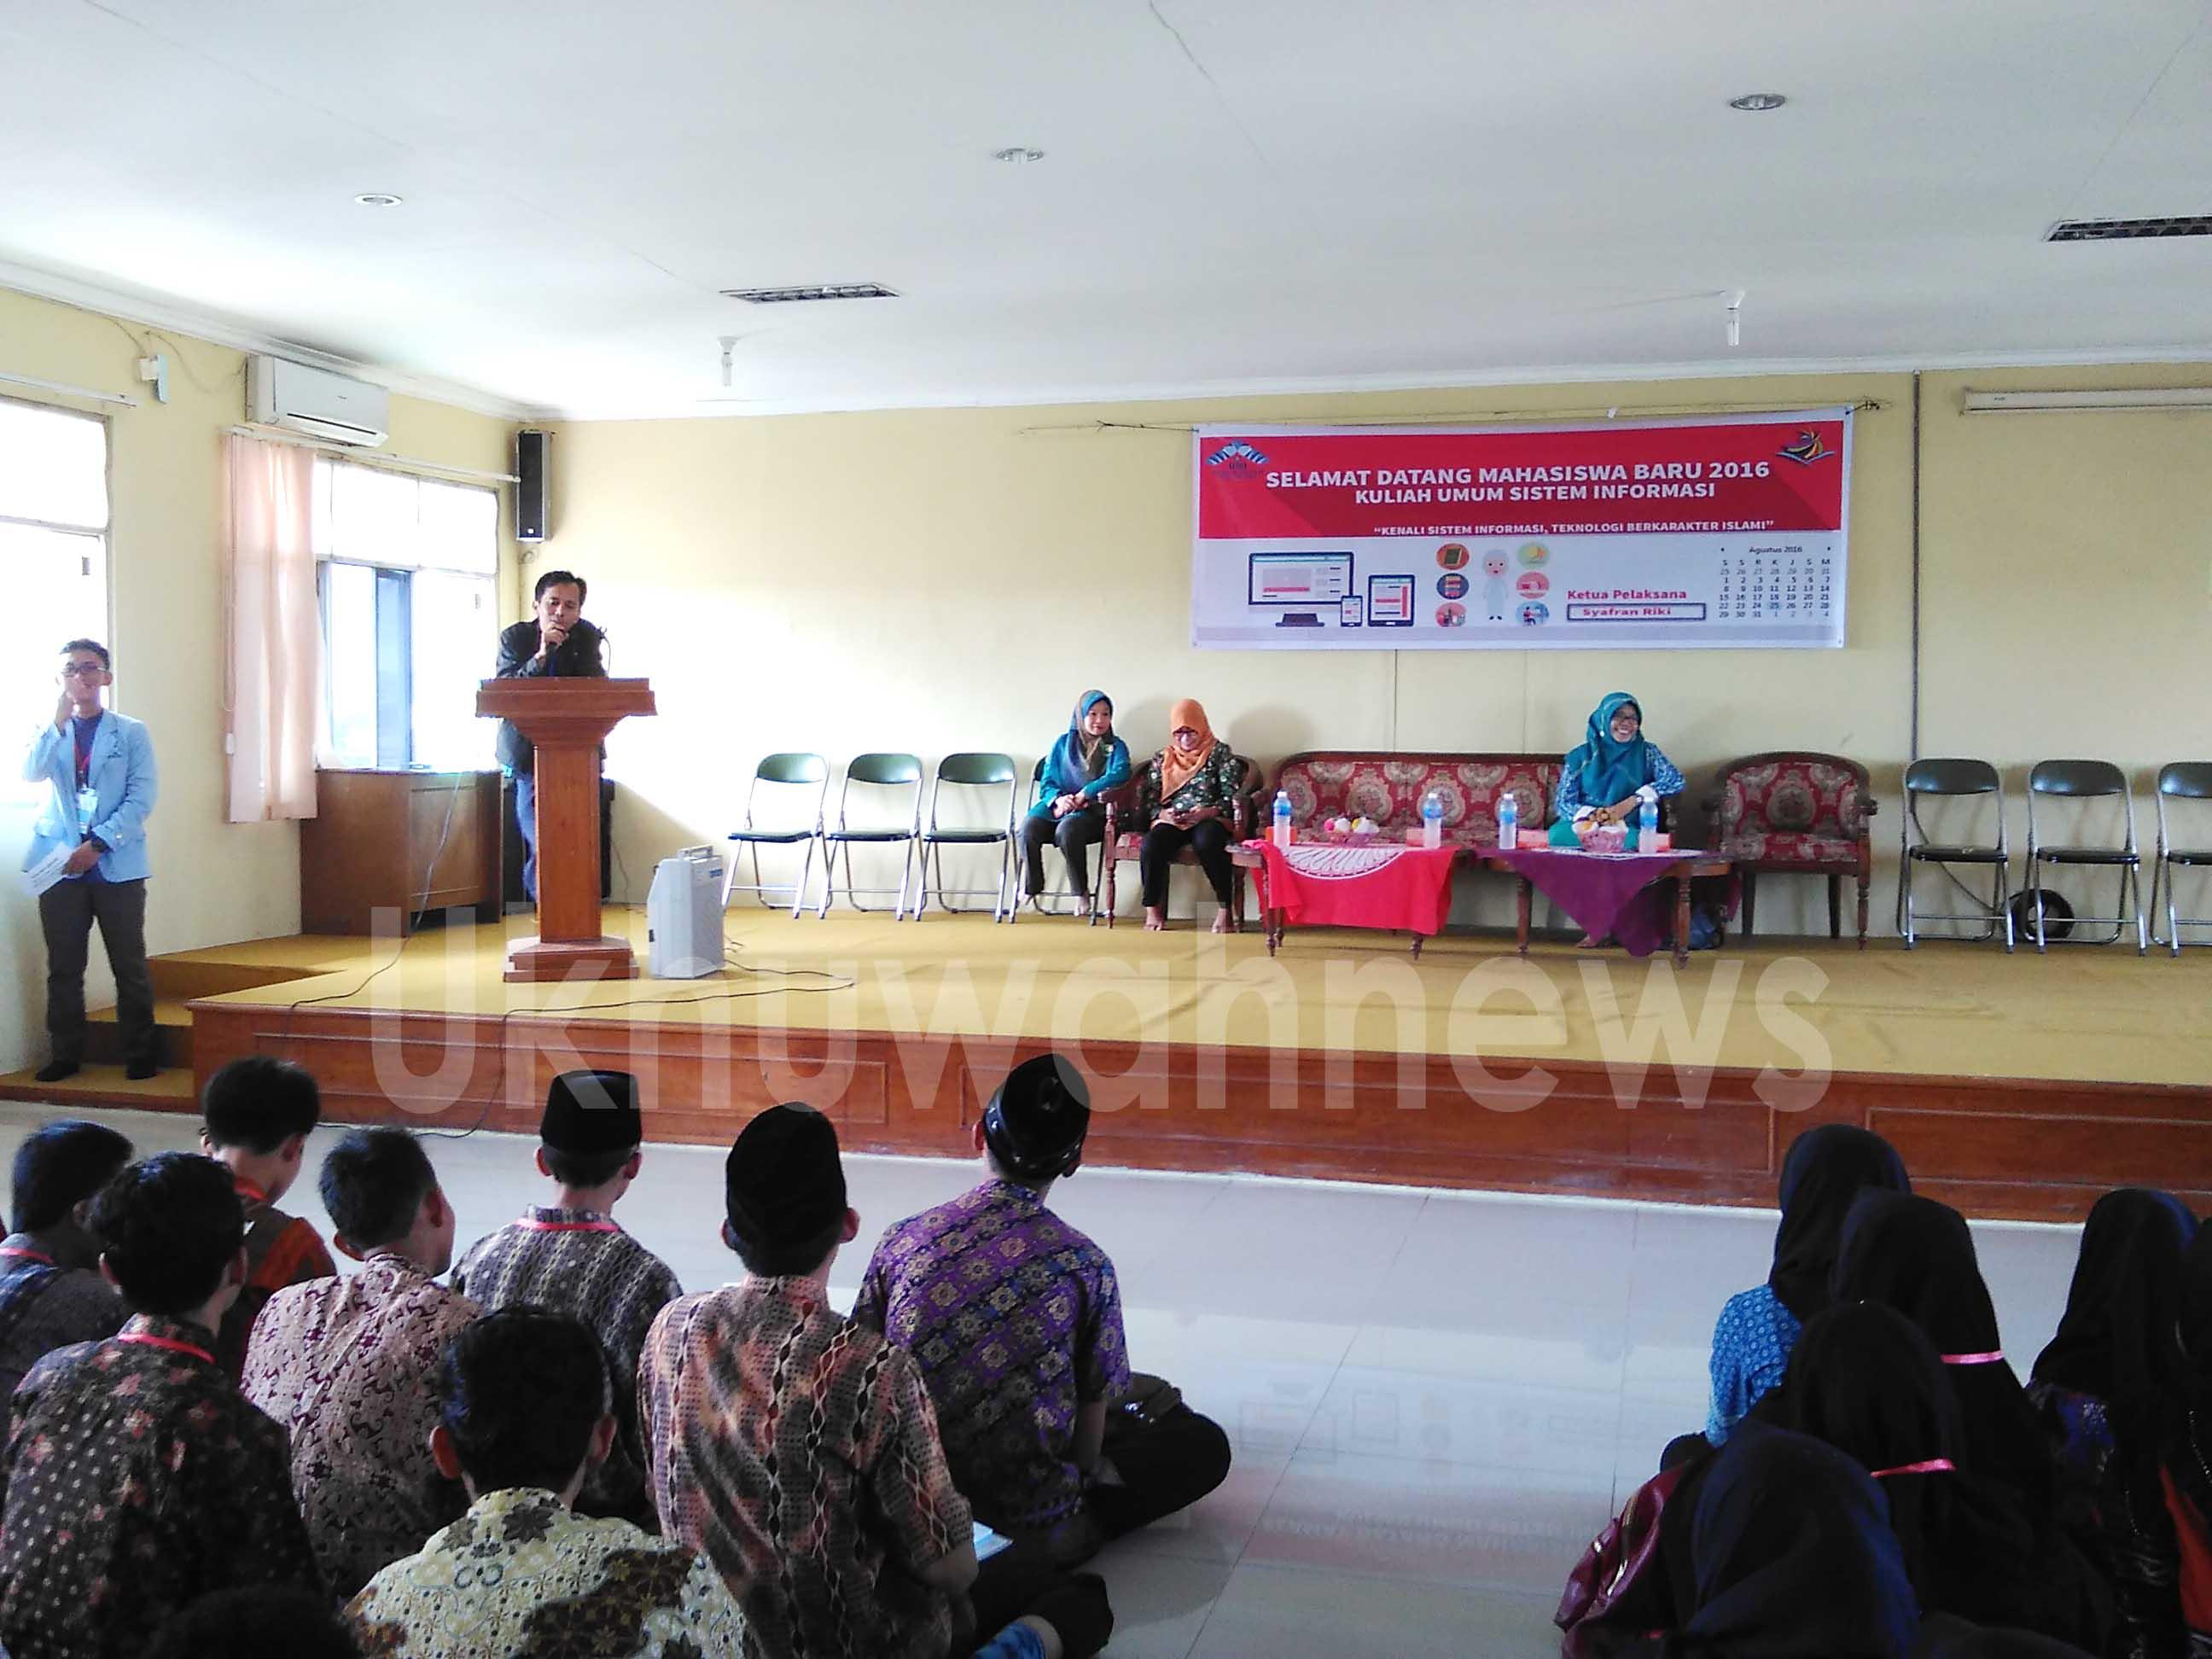 Kajur SI, Ruliansyah, M.Kom sedang menyampaikan sebuah penjelasan mengenai jurusan SI kepada mahasiswa Baru kamis (25/08). Raenal Fikri/ukhuwahnews.